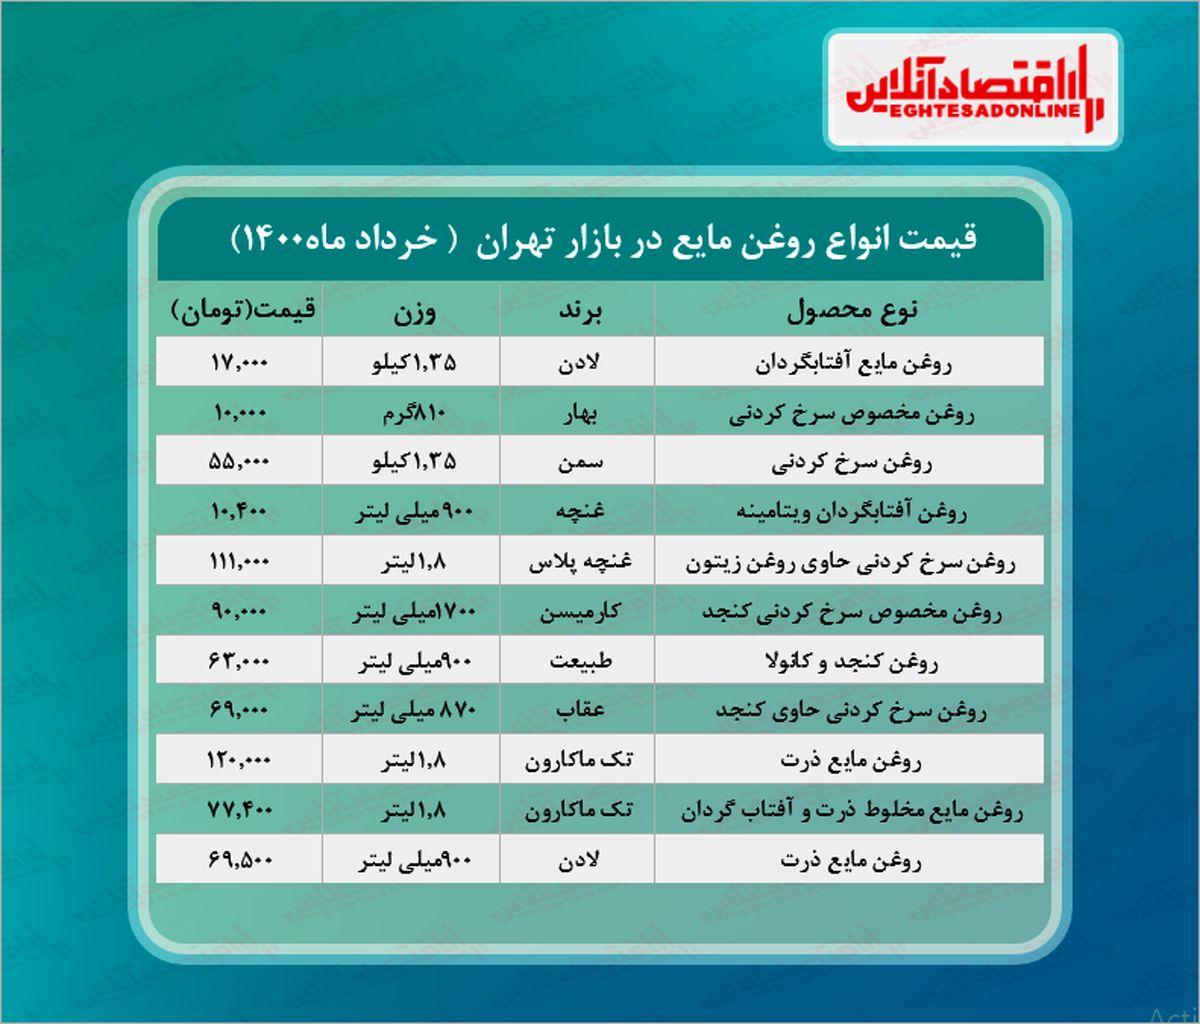 قیمت انواع روغن مایع در بازار (خردادماه۱۴۰۰) + جدول